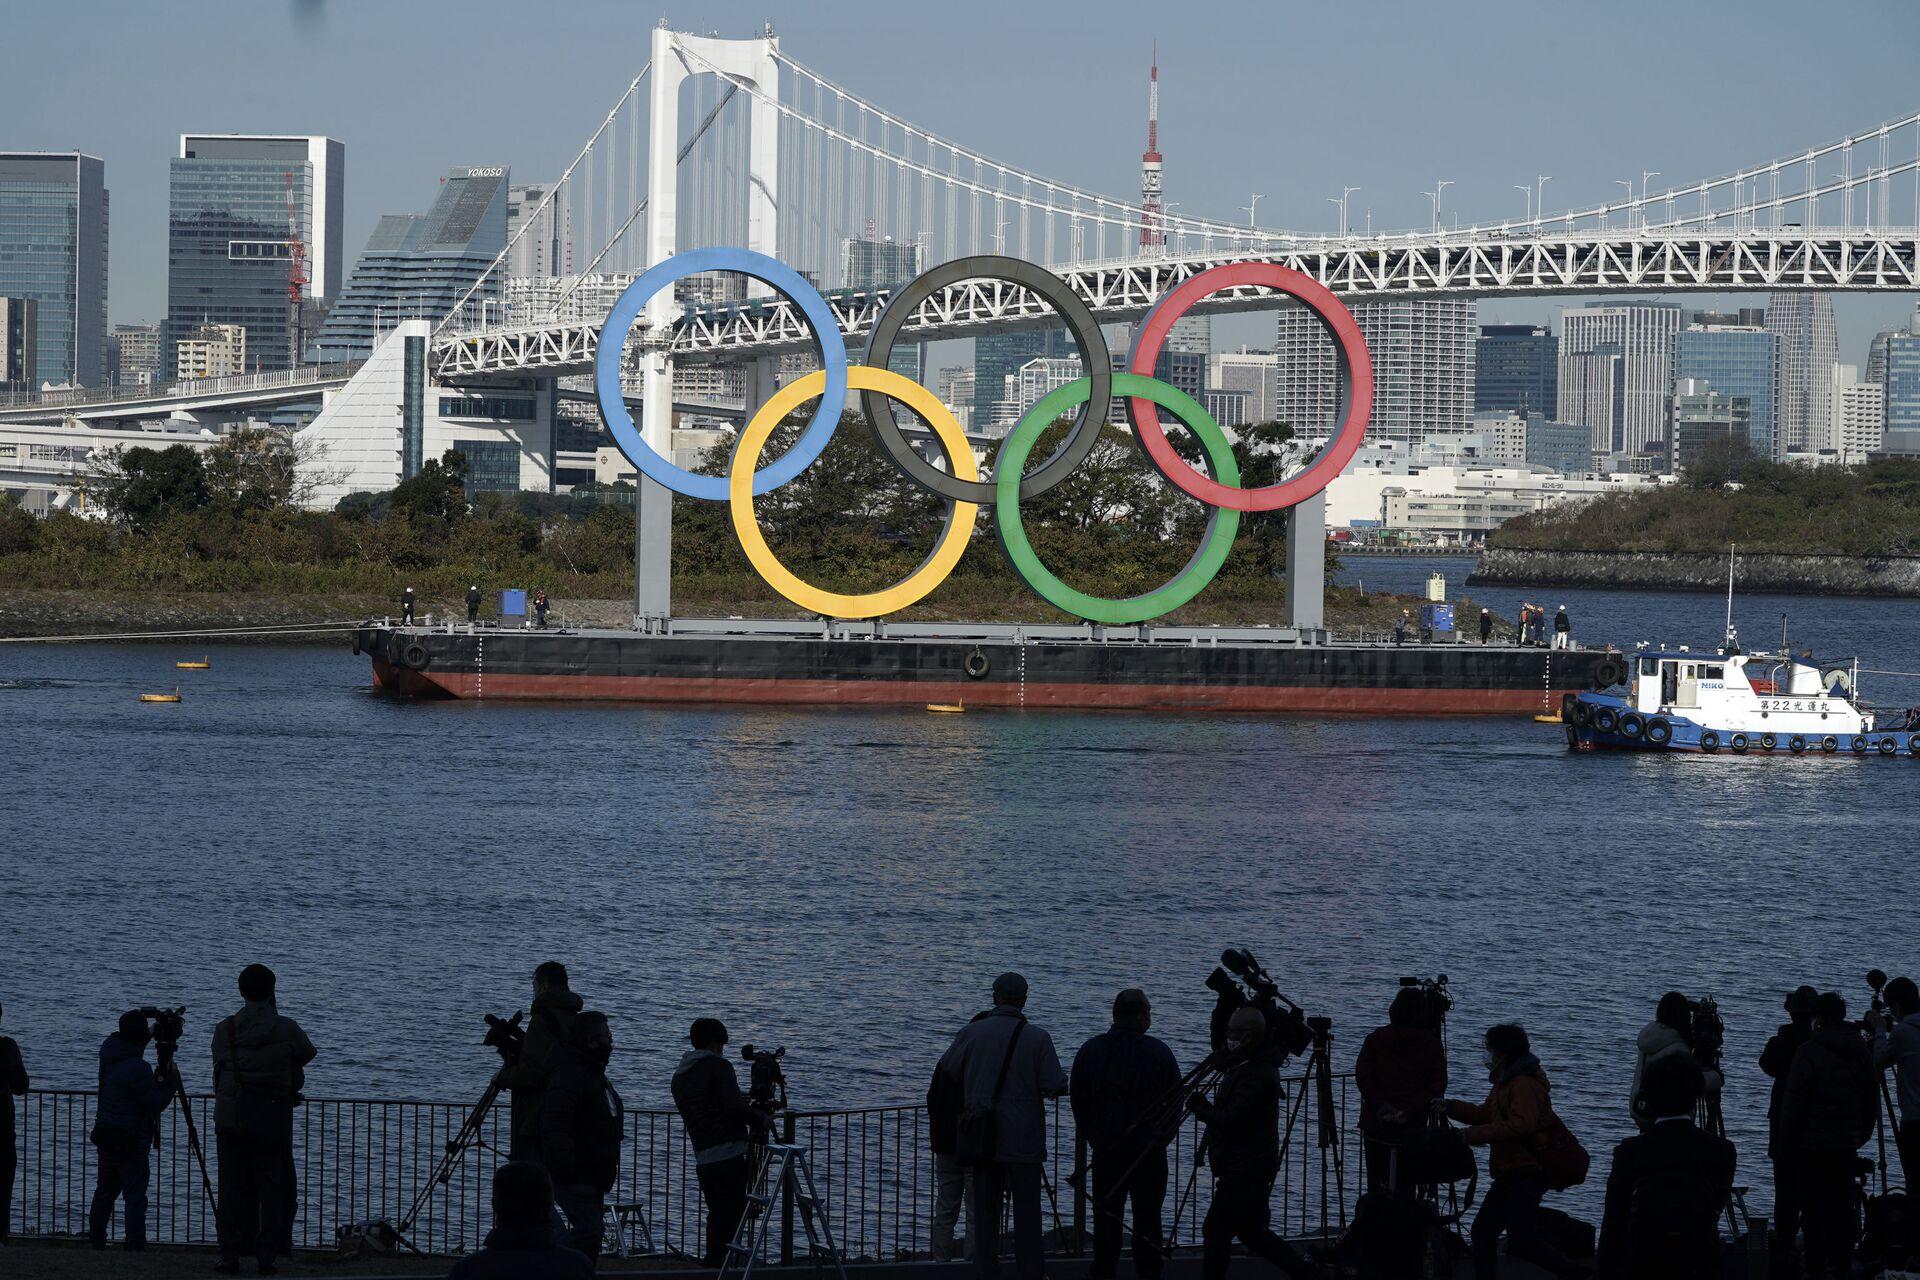 Tokyo 2020, presidente del Comitato Olimpico giapponese si dimette per i commenti sessisti - Sputnik Italia, 1920, 11.02.2021